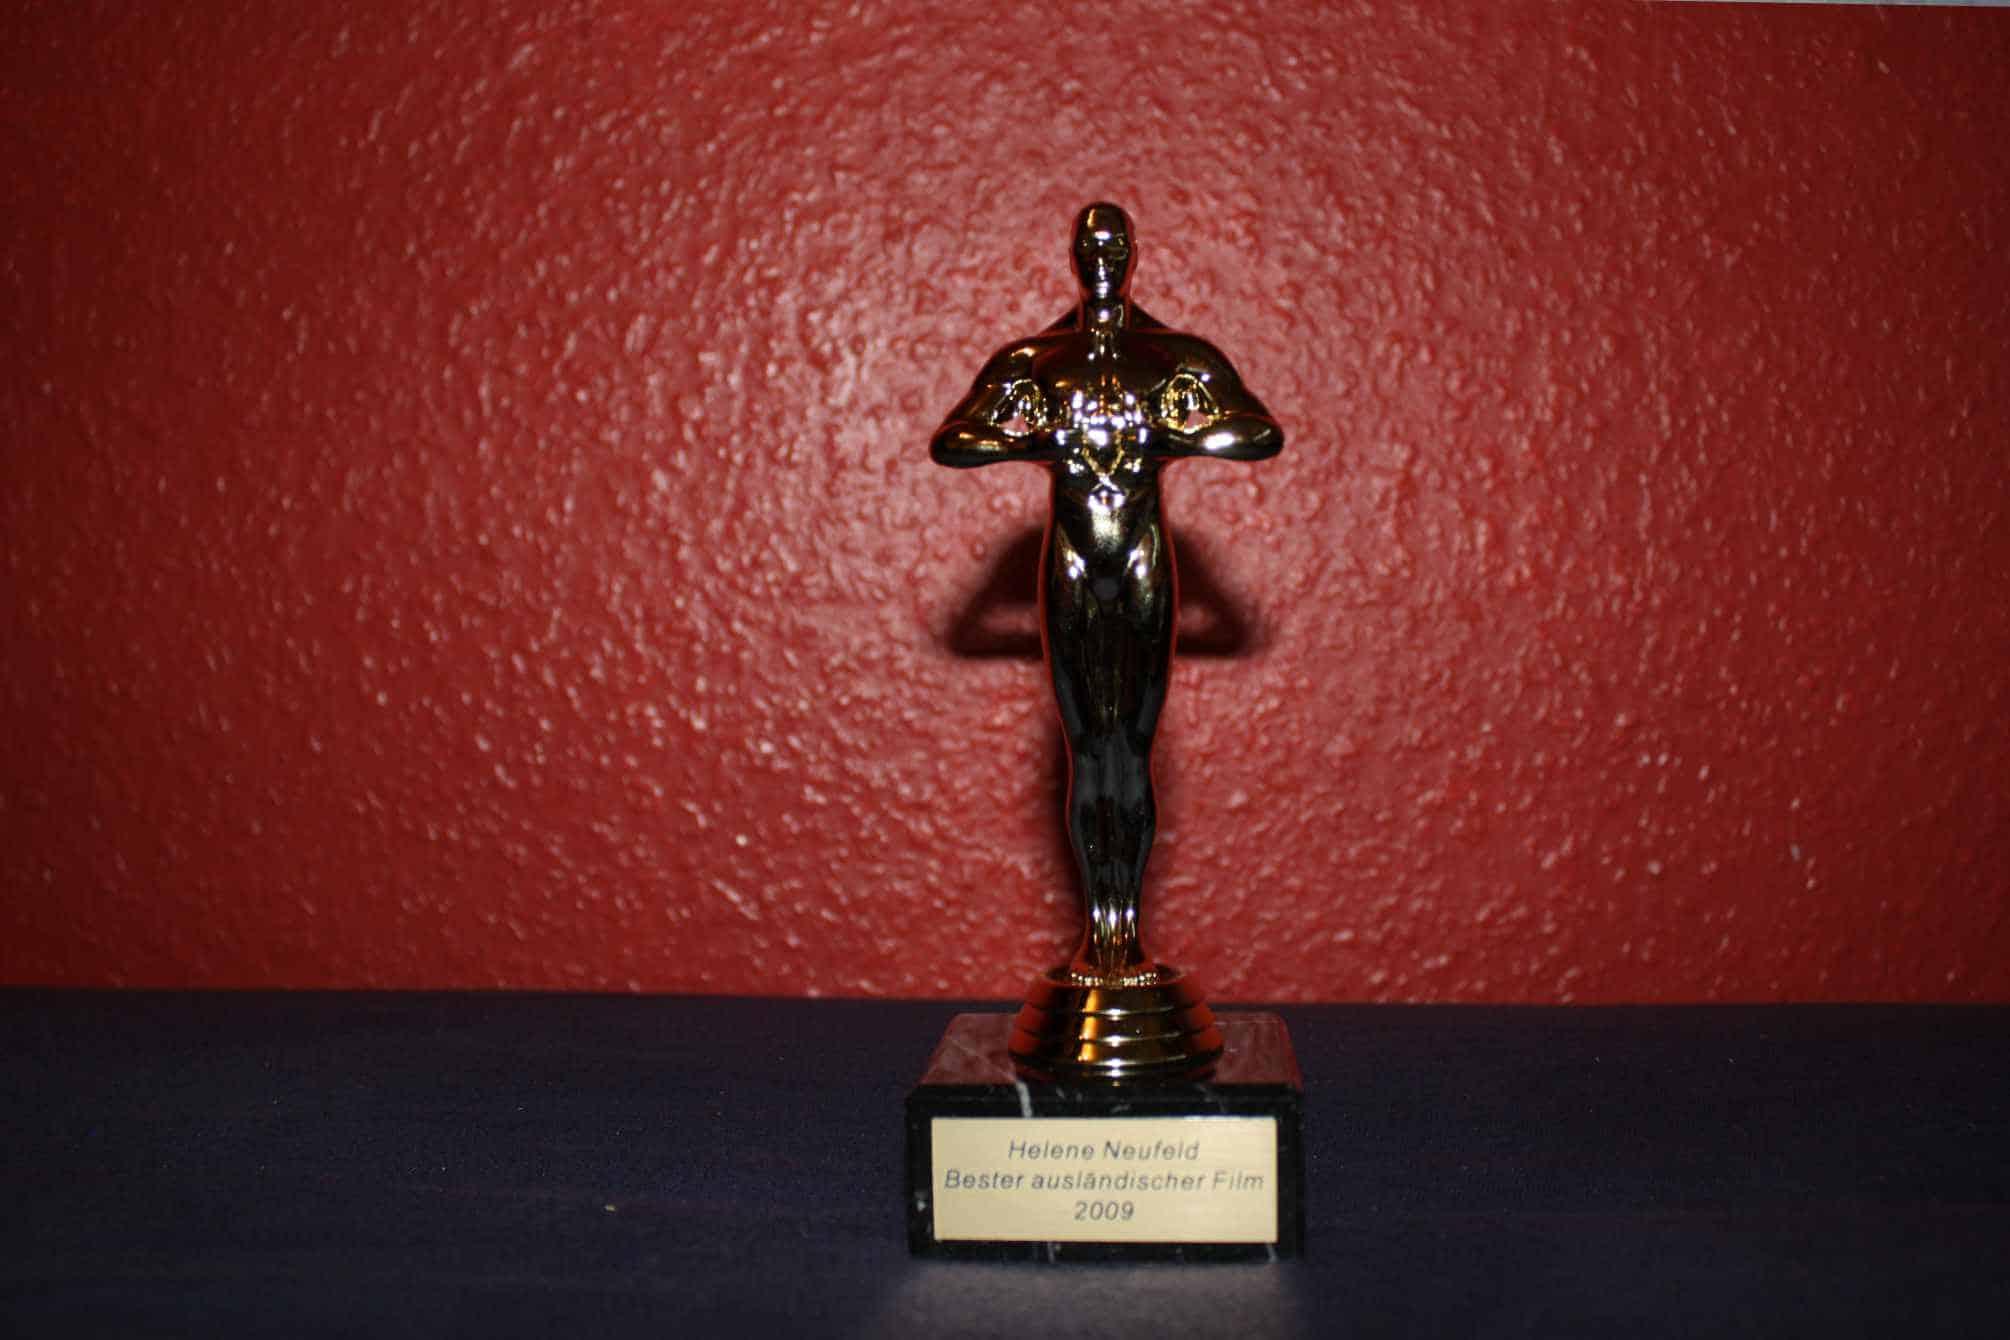 Oscar für den besten ausländischen Film